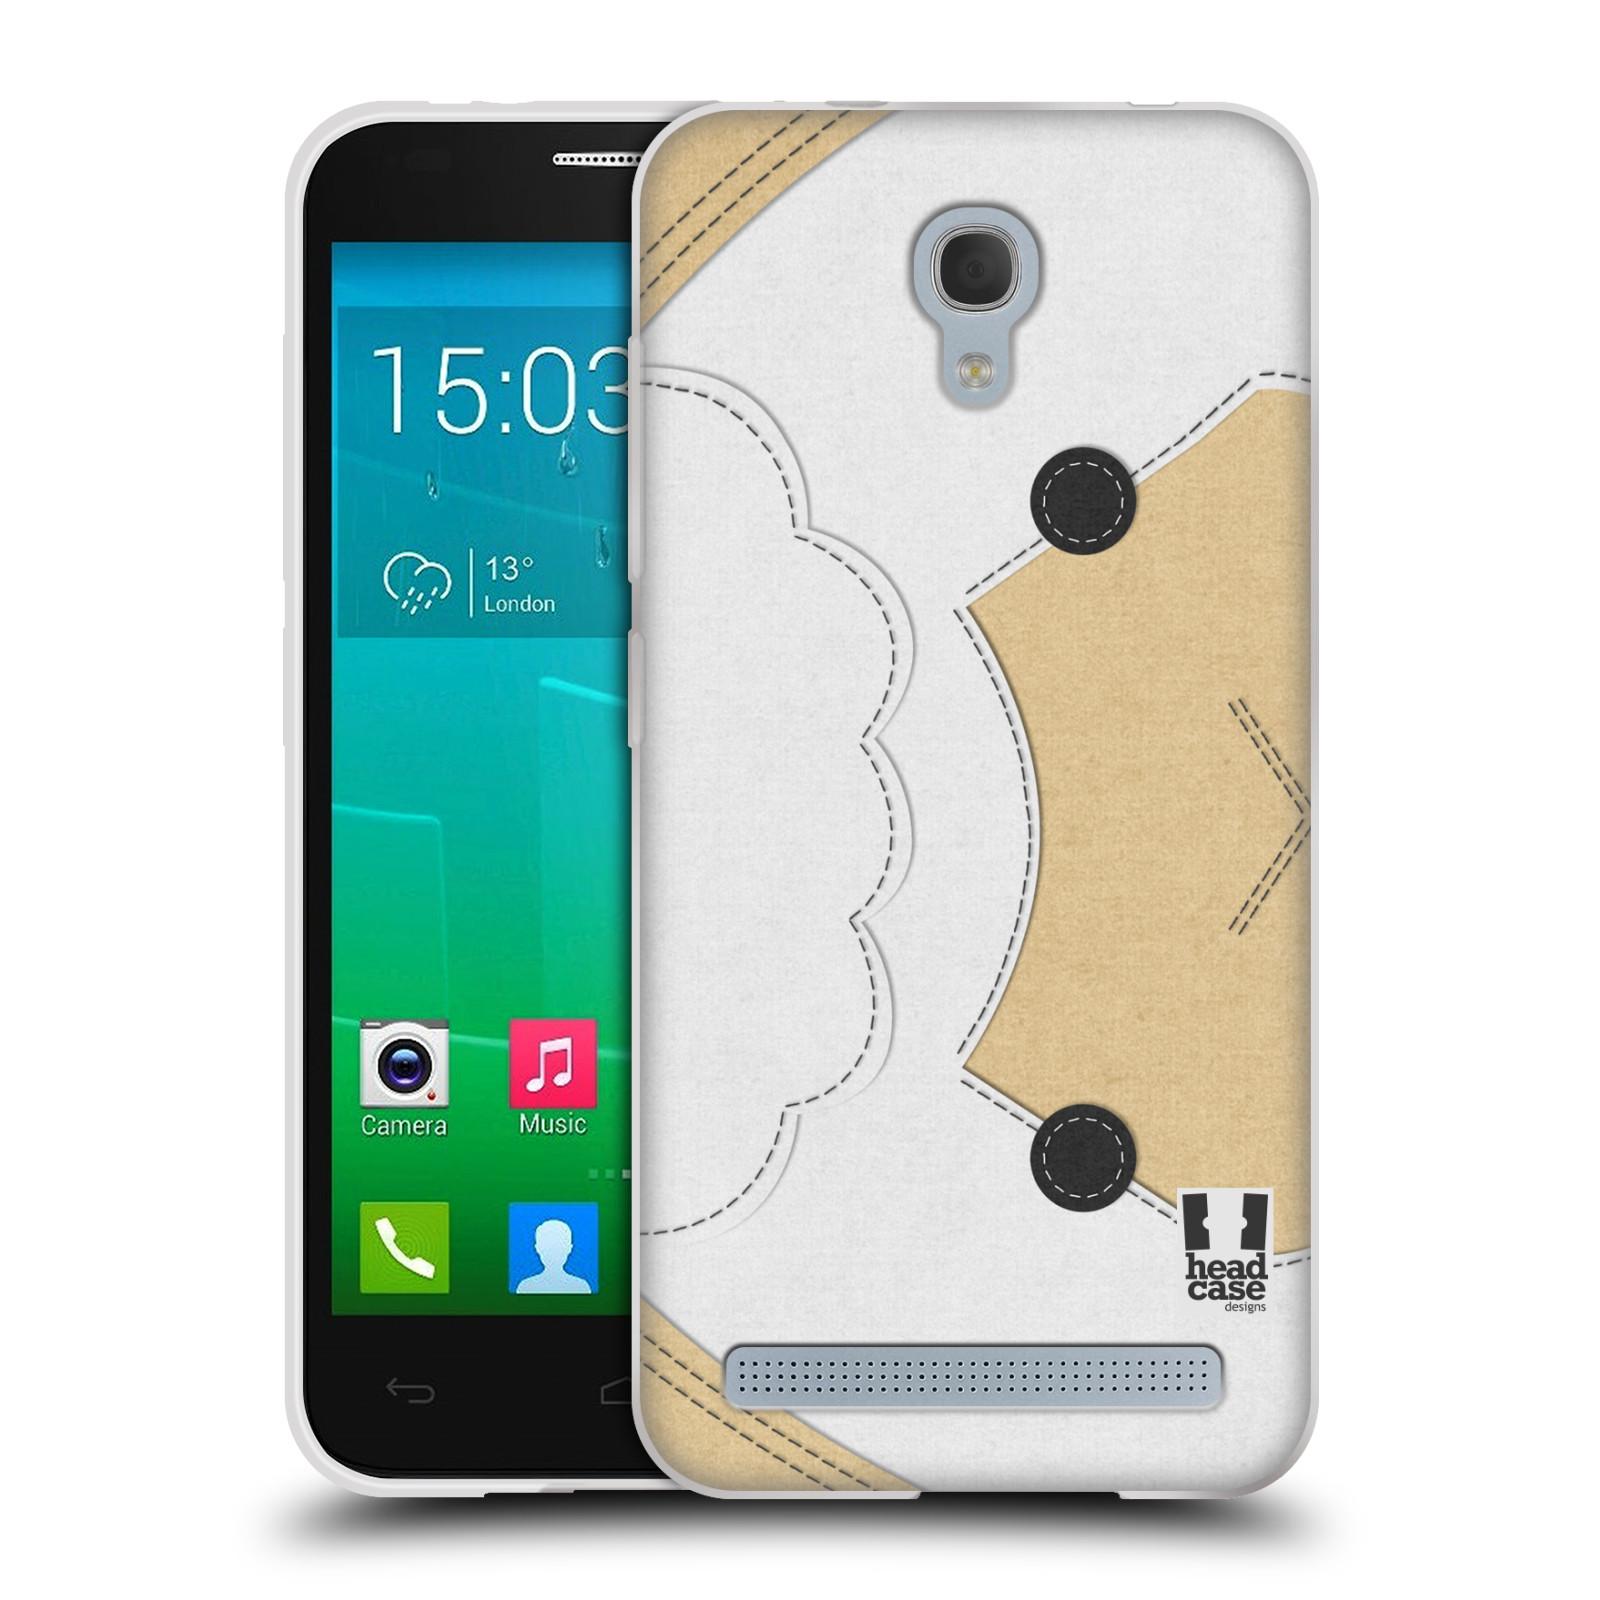 HEAD CASE silikonový obal na mobil Alcatel Idol 2 MINI S 6036Y vzor zvířecí nášivka ovečka